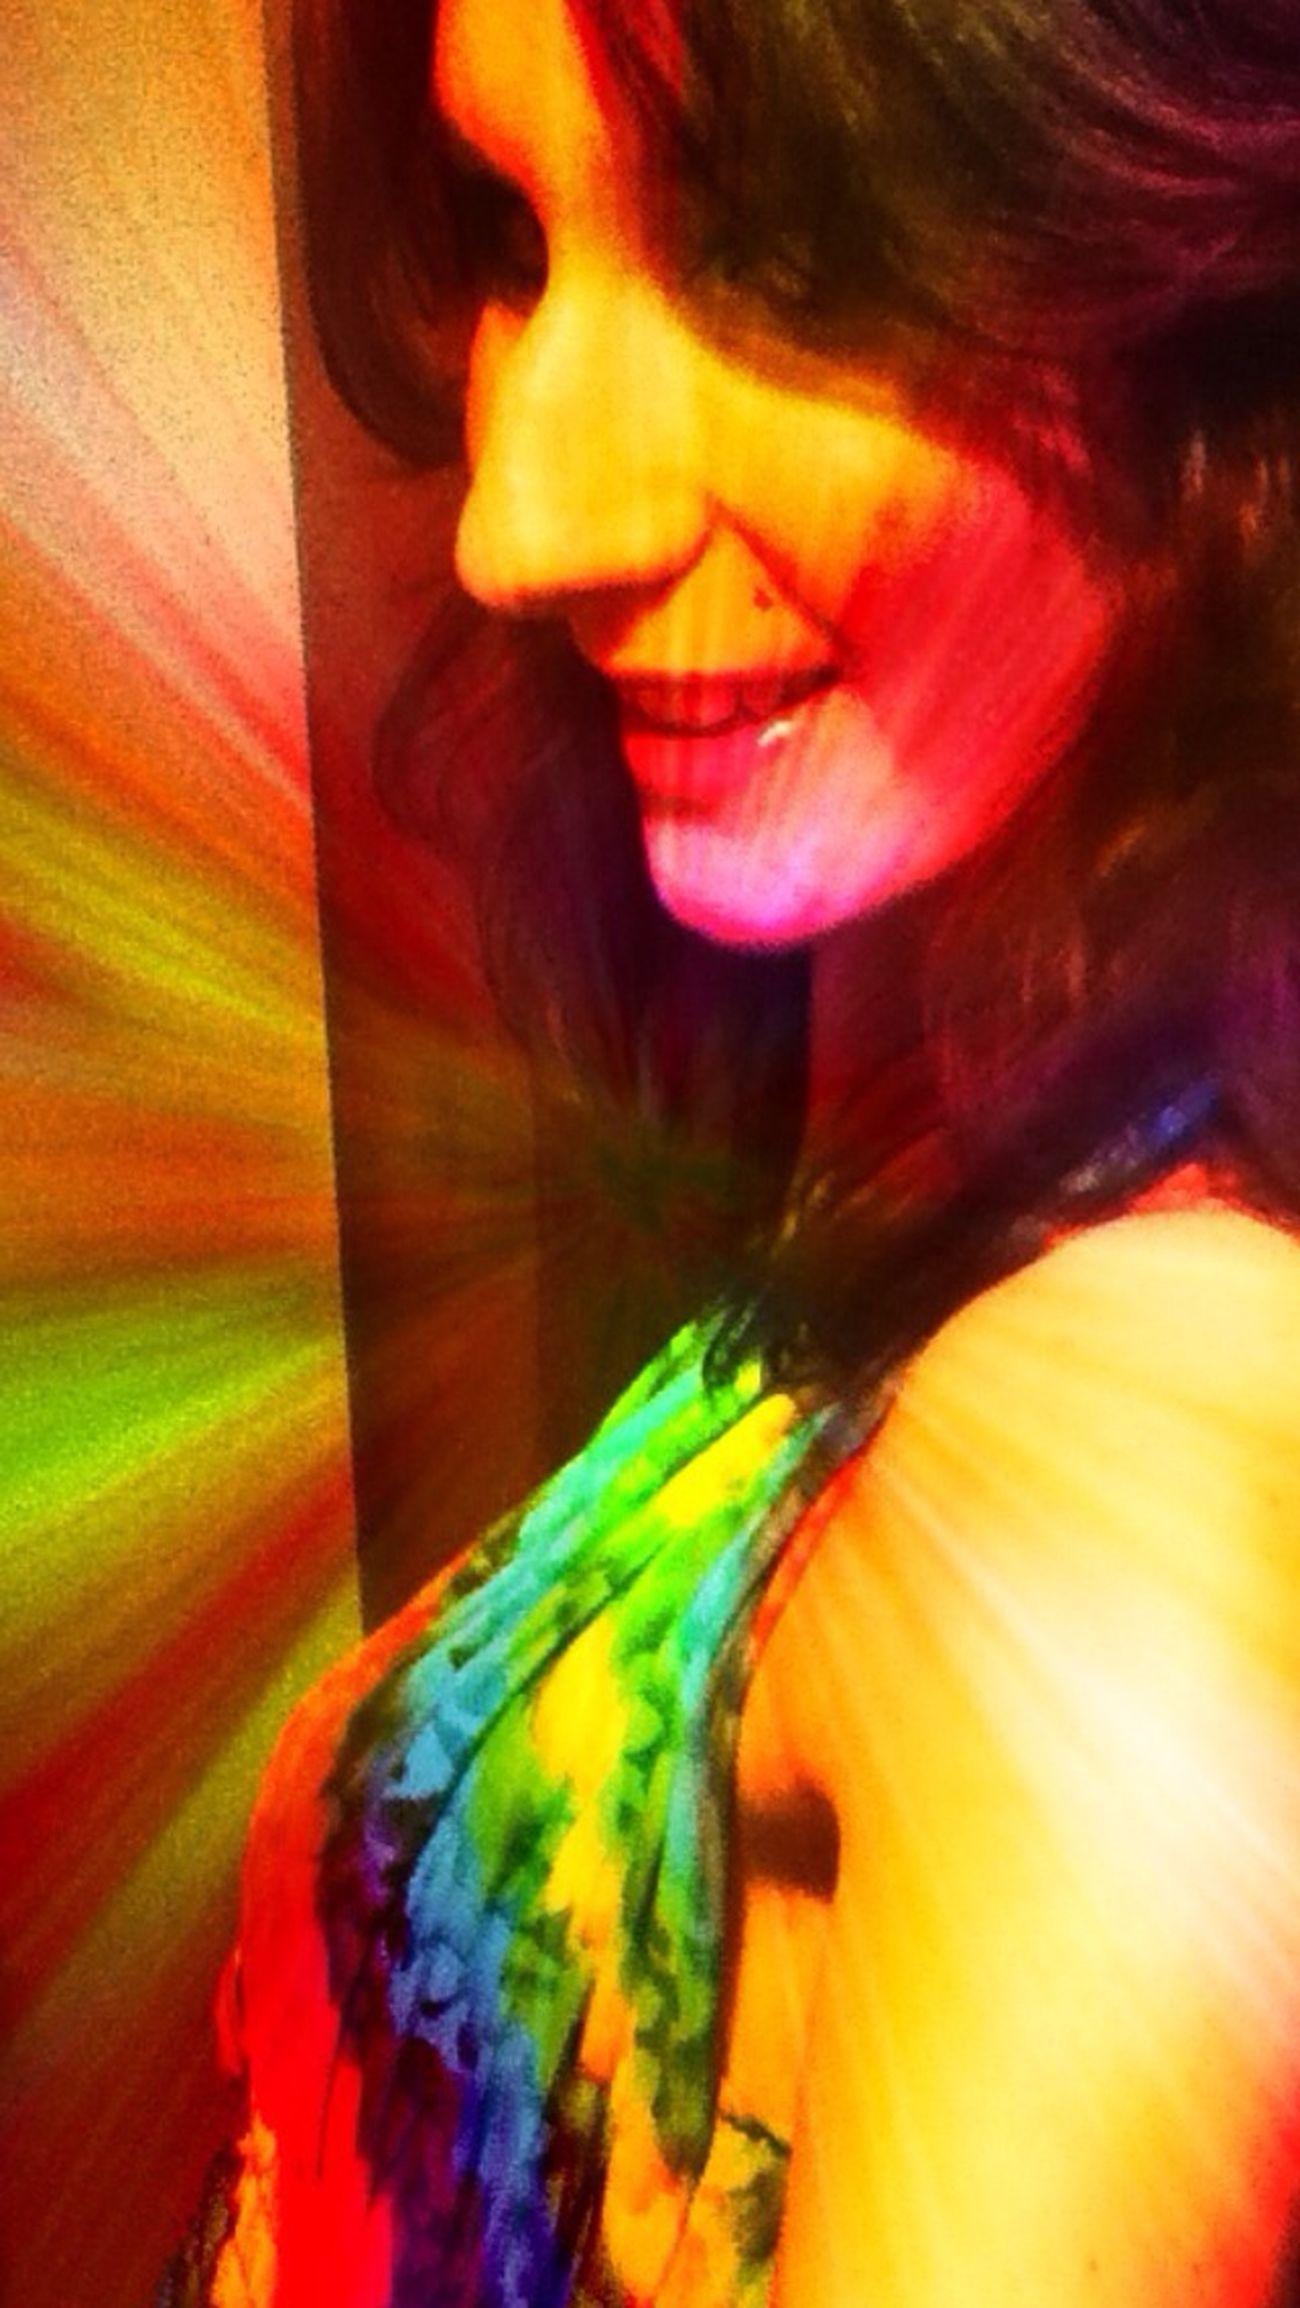 I shiinee likee a rainboww whenn U aree by my sides ..... !i <3 ILU M.D. Like A Rainbow StaR